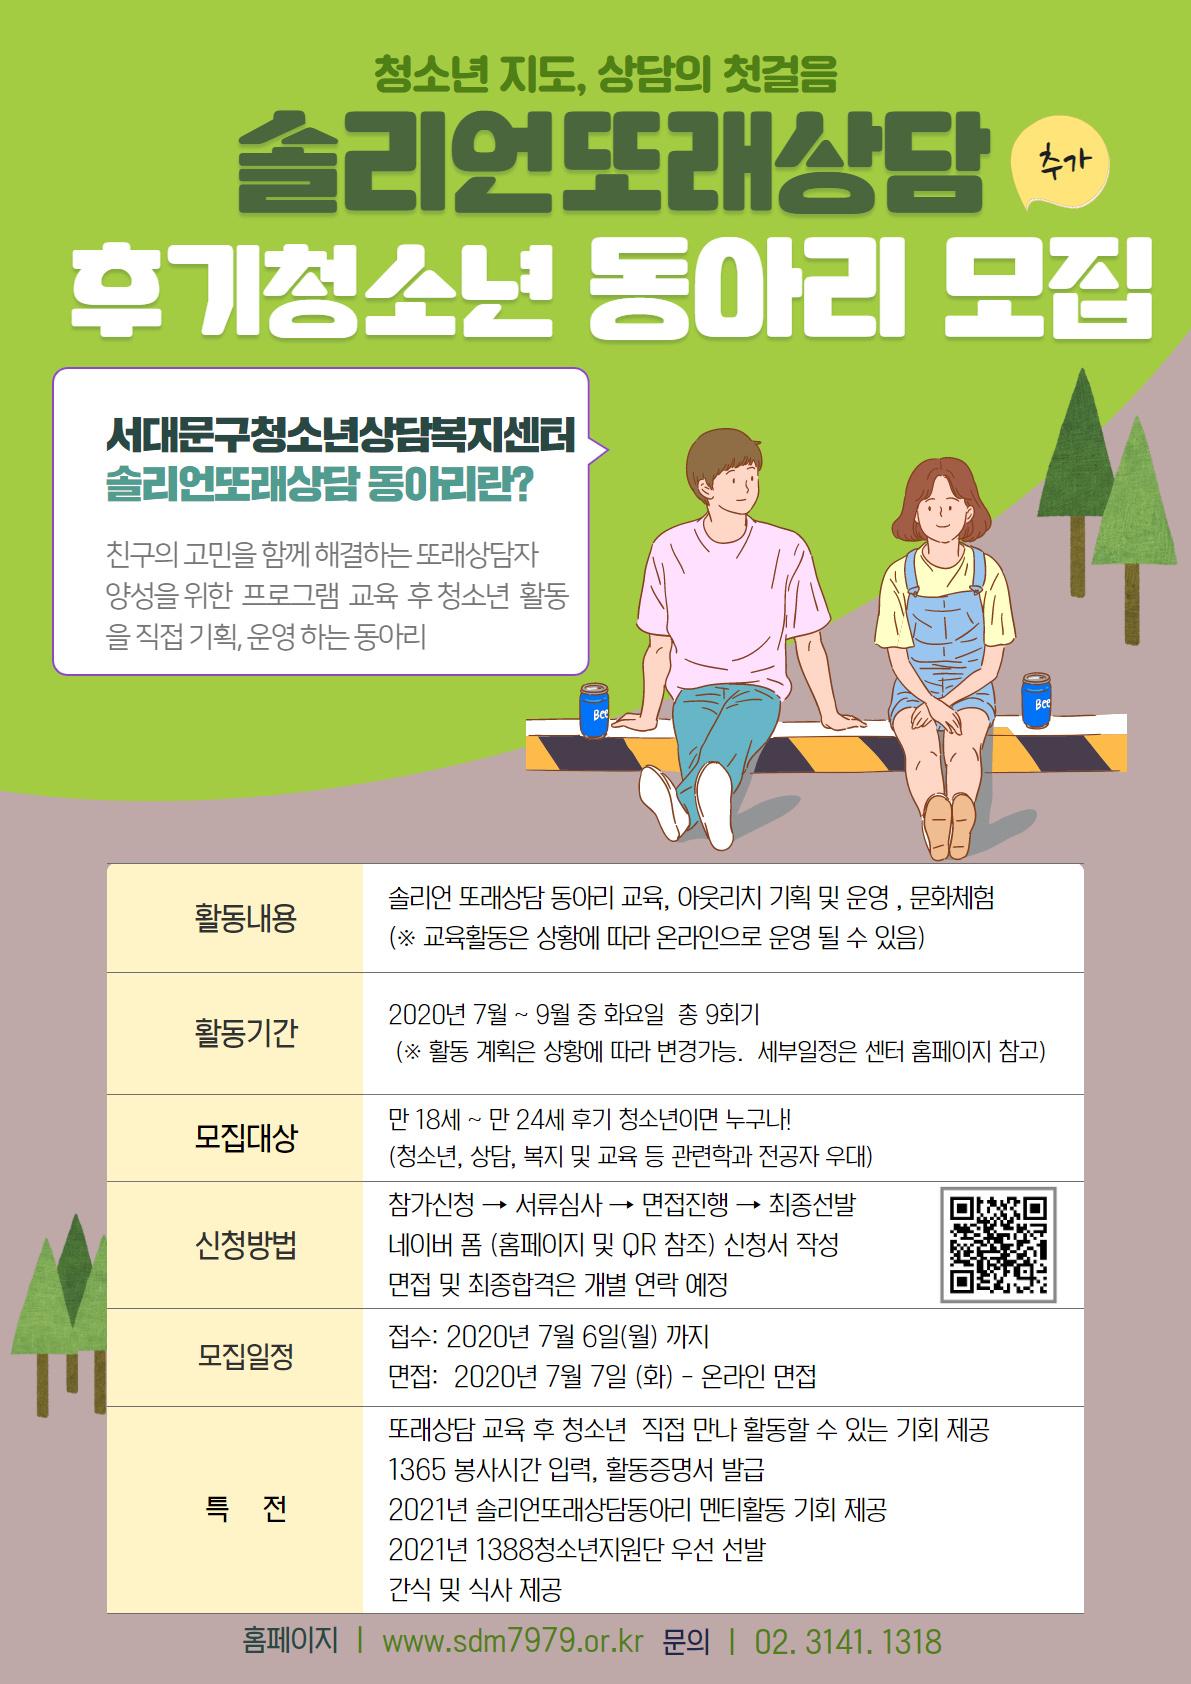 2020 서대문청상복 또래상담동아리모집 포스터.jpg